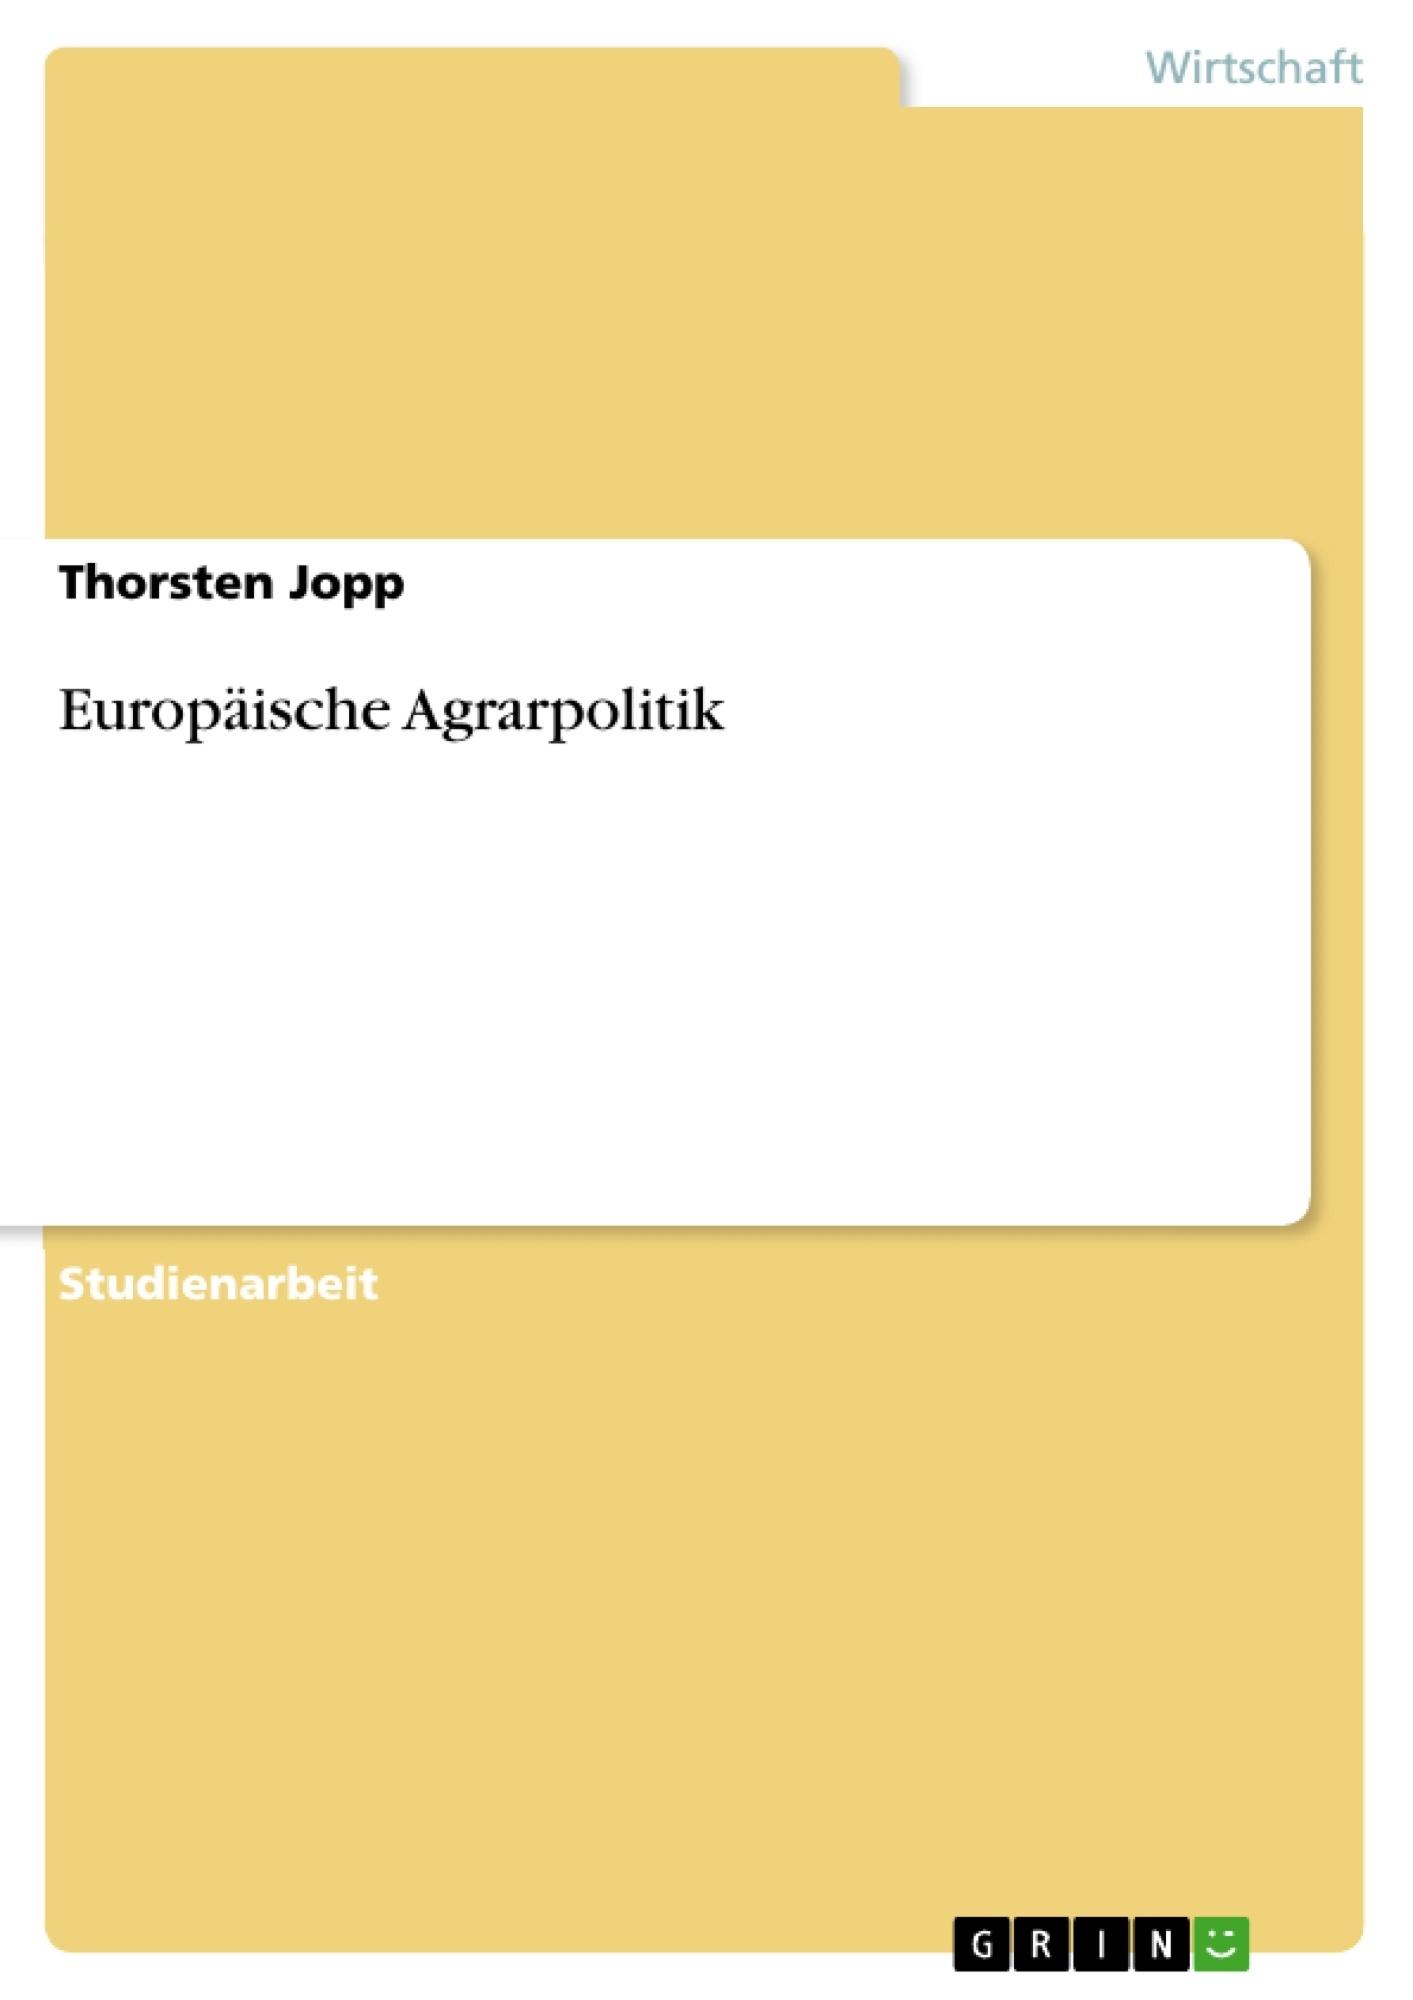 Titel: Europäische Agrarpolitik